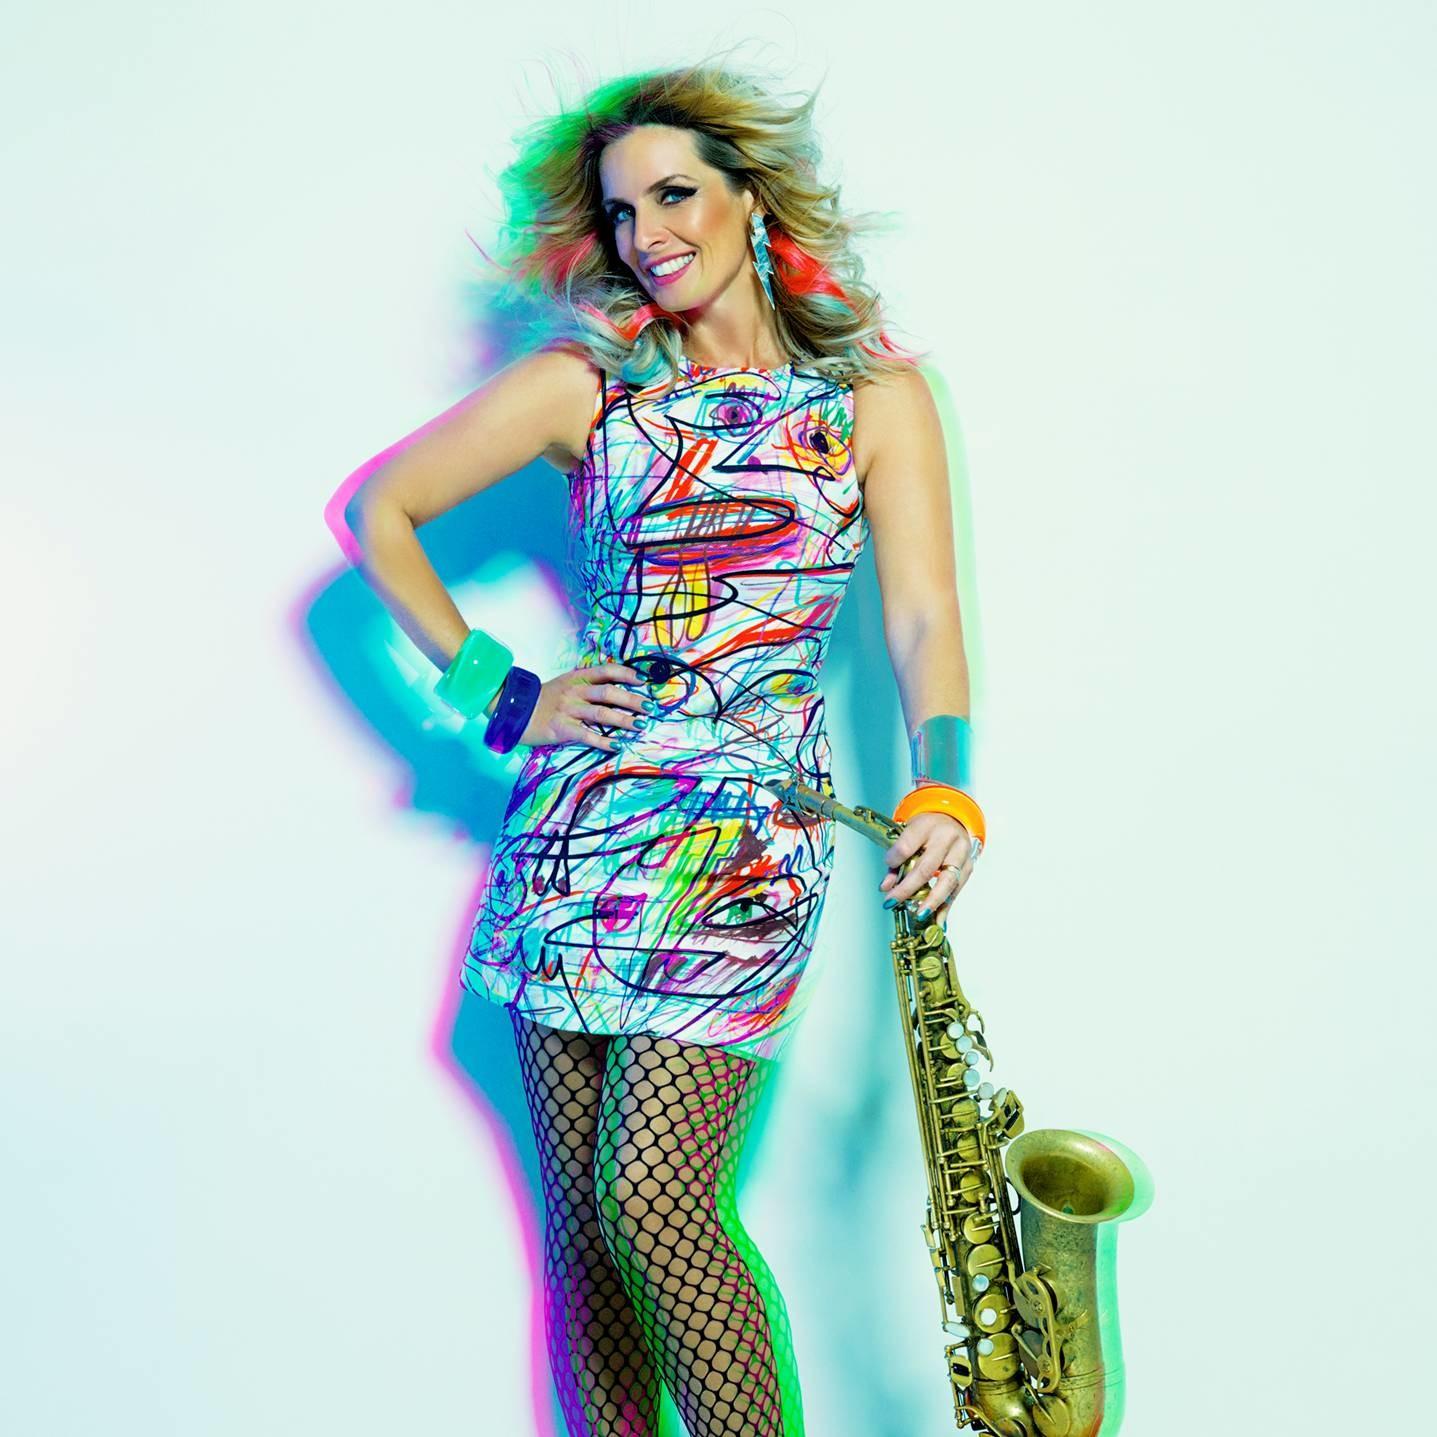 Самая популярная саксофонистка мира Кэнди Далфер выступит в Москве